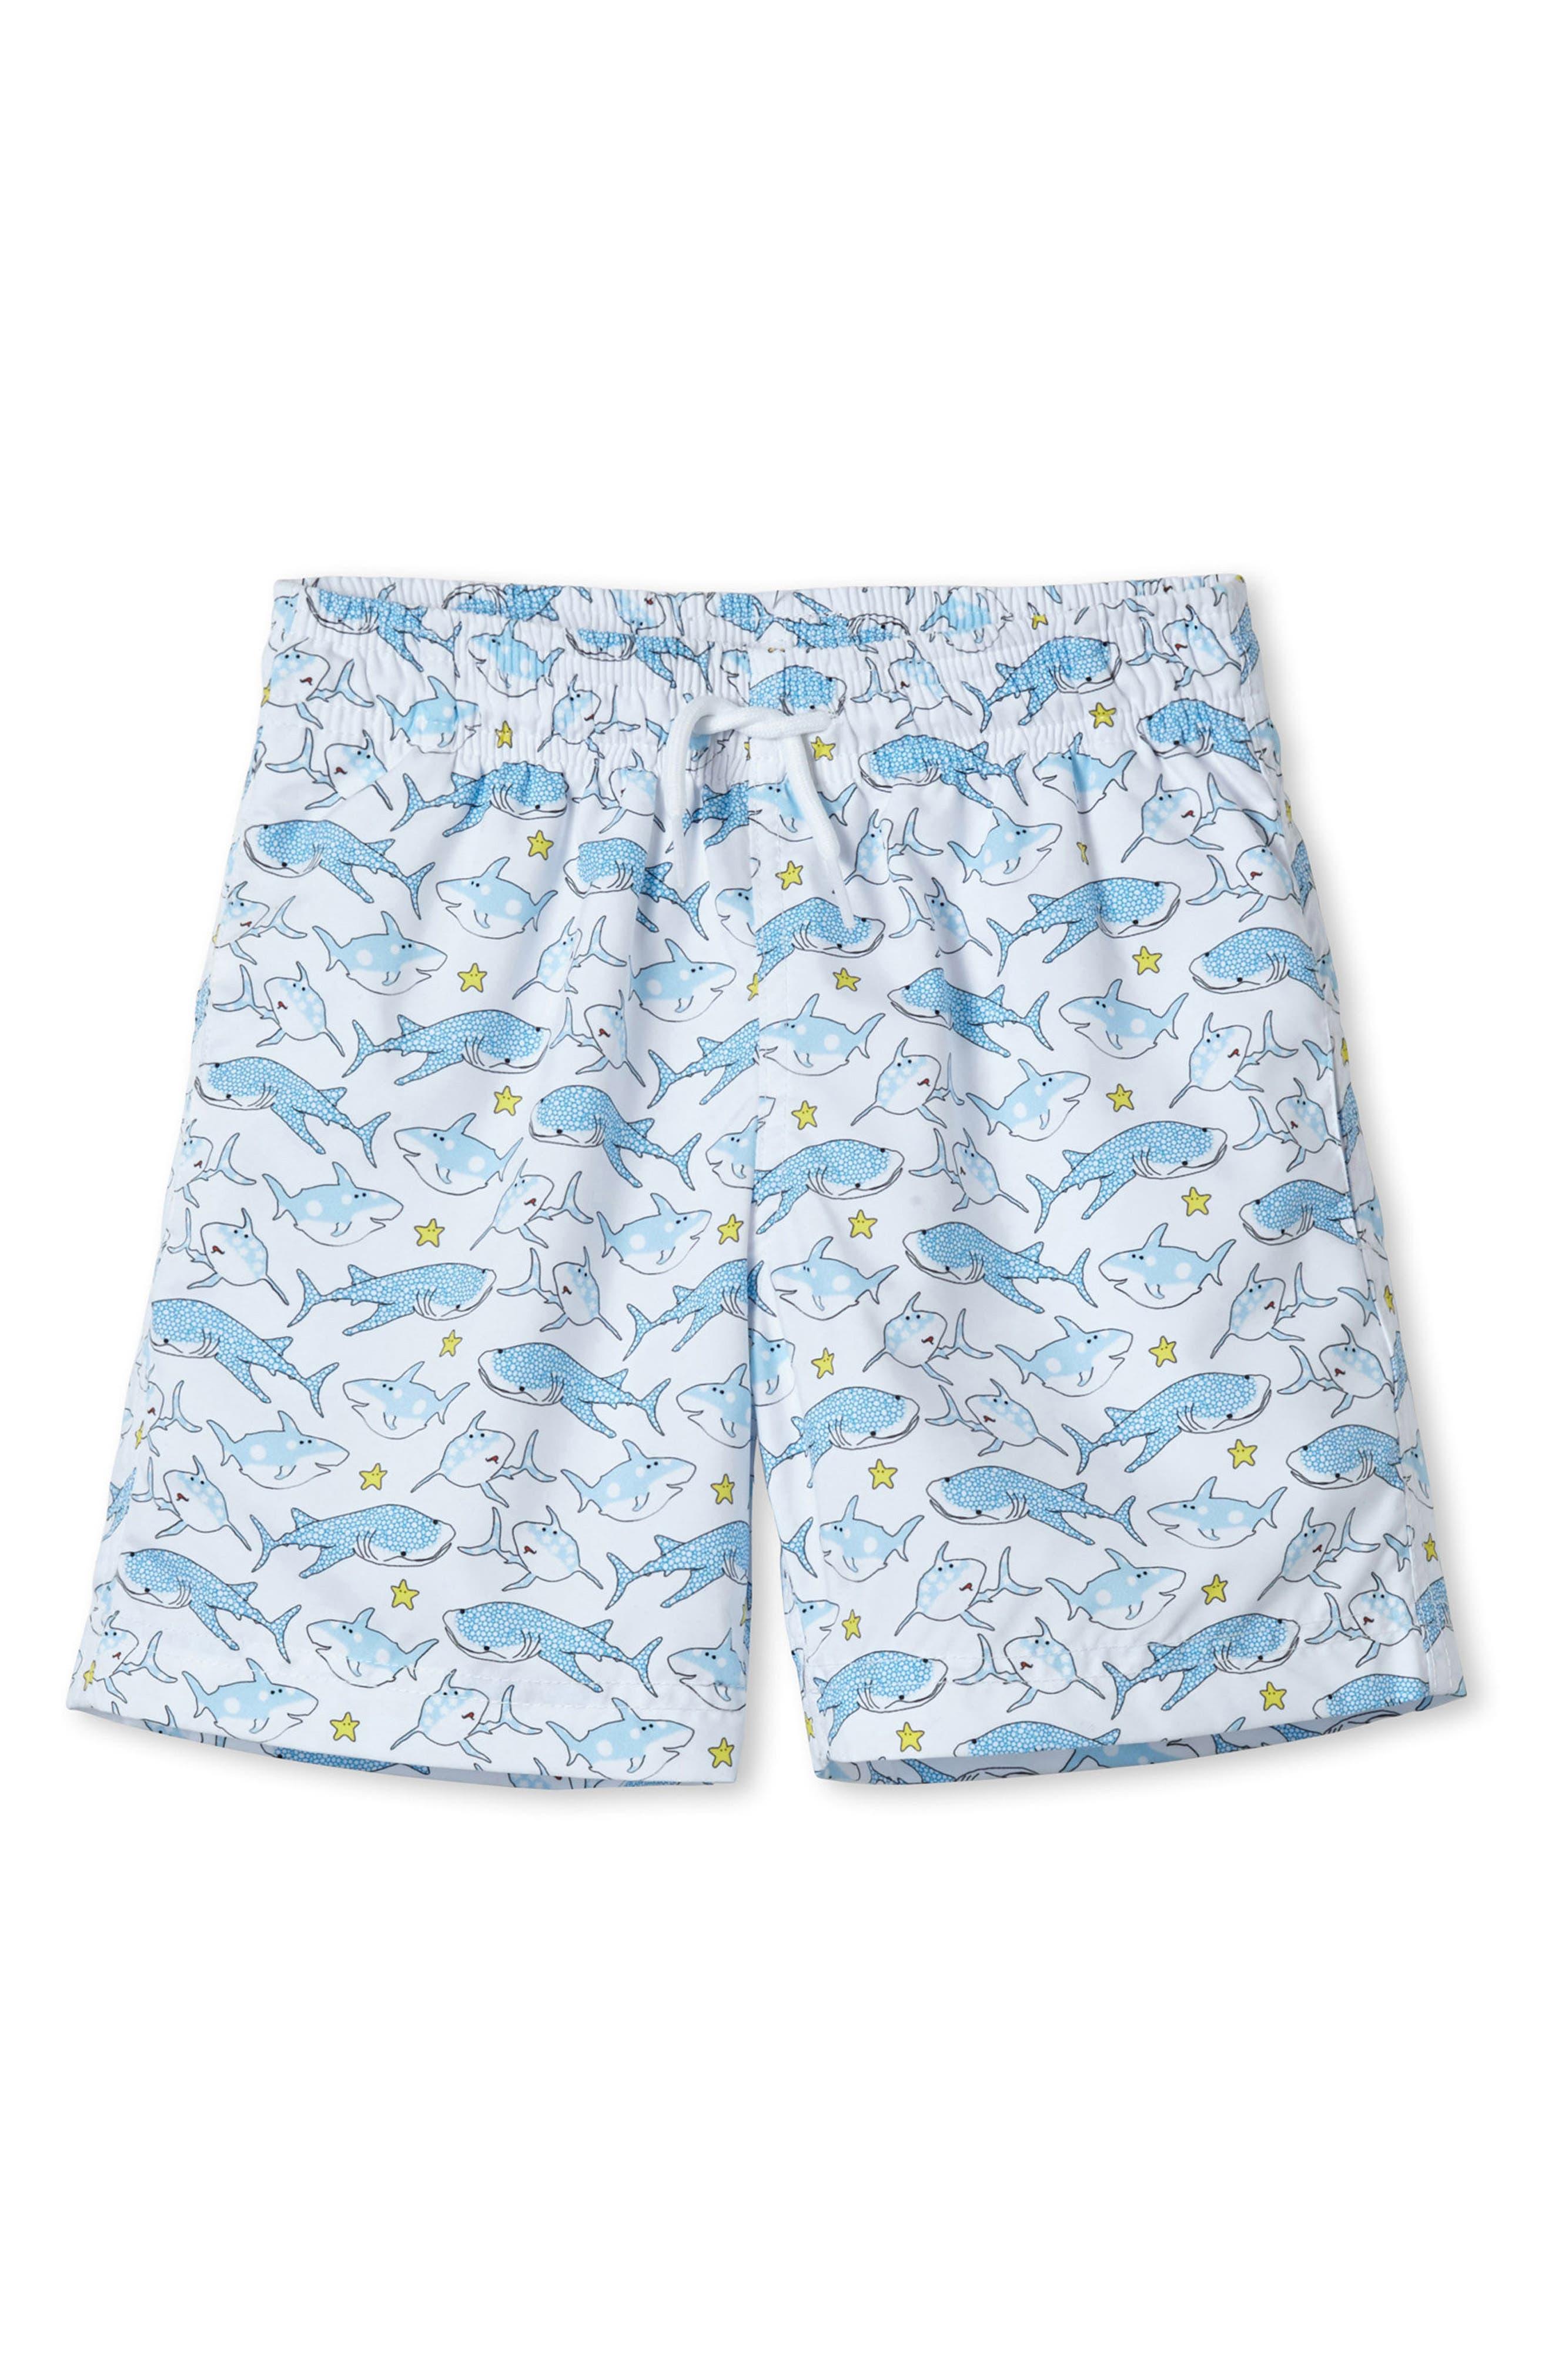 White Shark Swim Trunks,                         Main,                         color, White